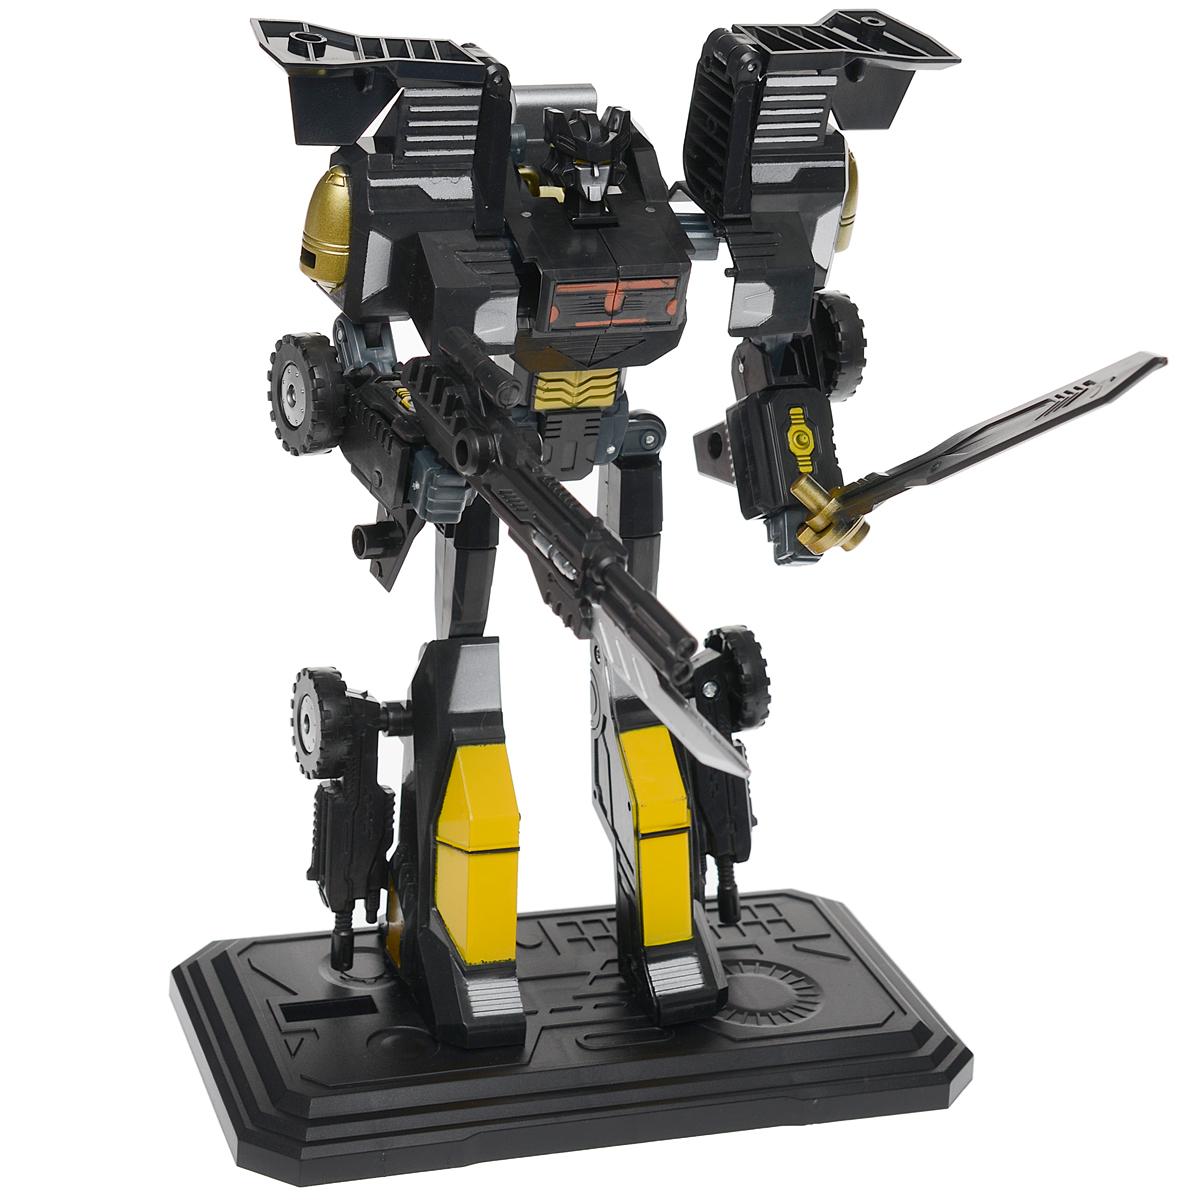 """Фото Робот-трансформер 3 в 1 """"Cross Orcs"""", механический, цвет: черный, желтый. Купить  в РФ"""